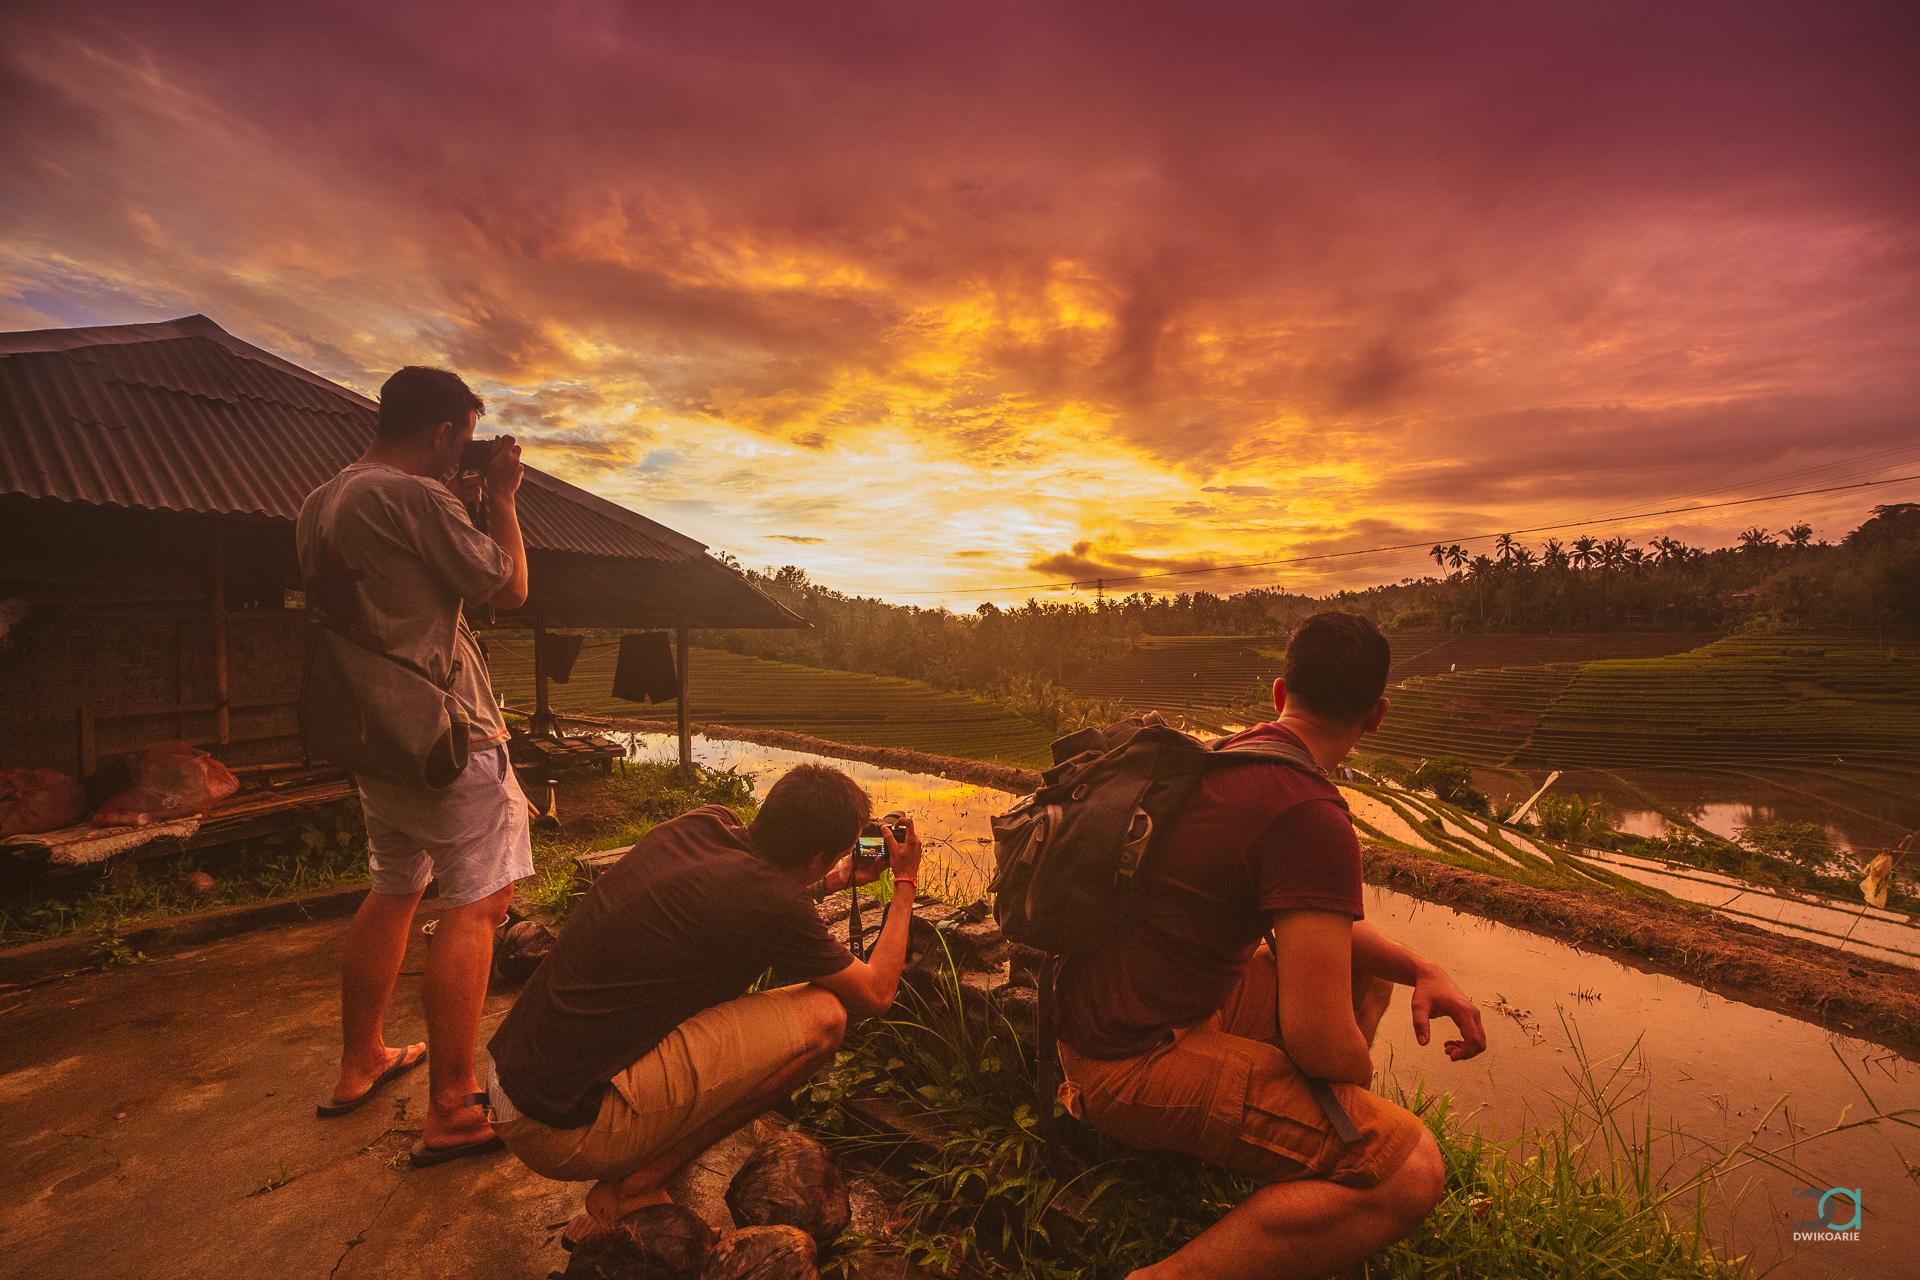 sunset-watching-travel-photography-bali